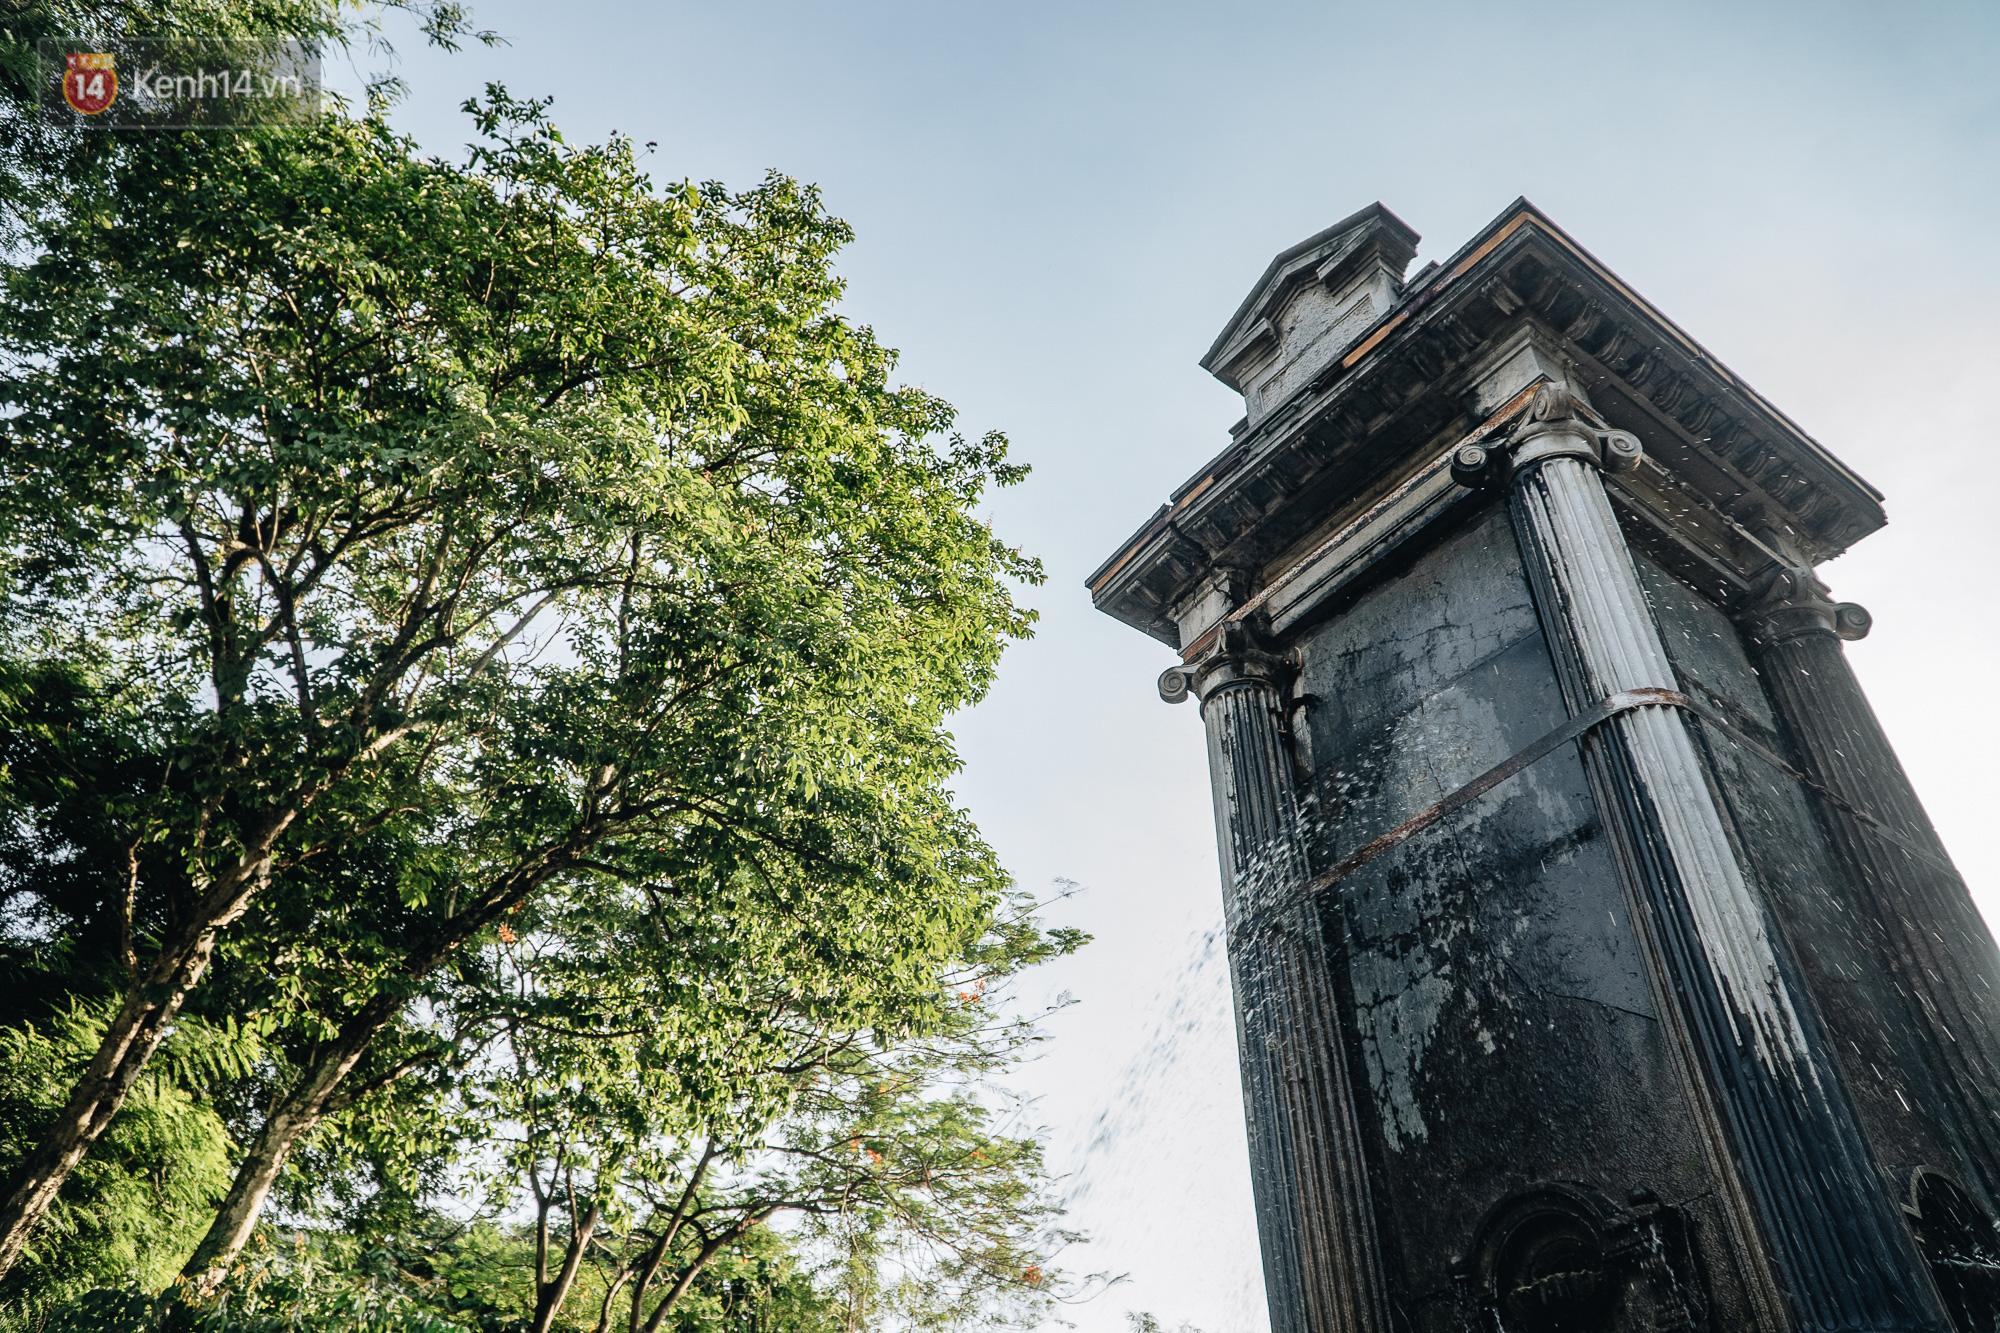 Đeo đai chống sập cho đài phun nước cổ nhất Hà Nội tồn tại 120 năm - Ảnh 6.